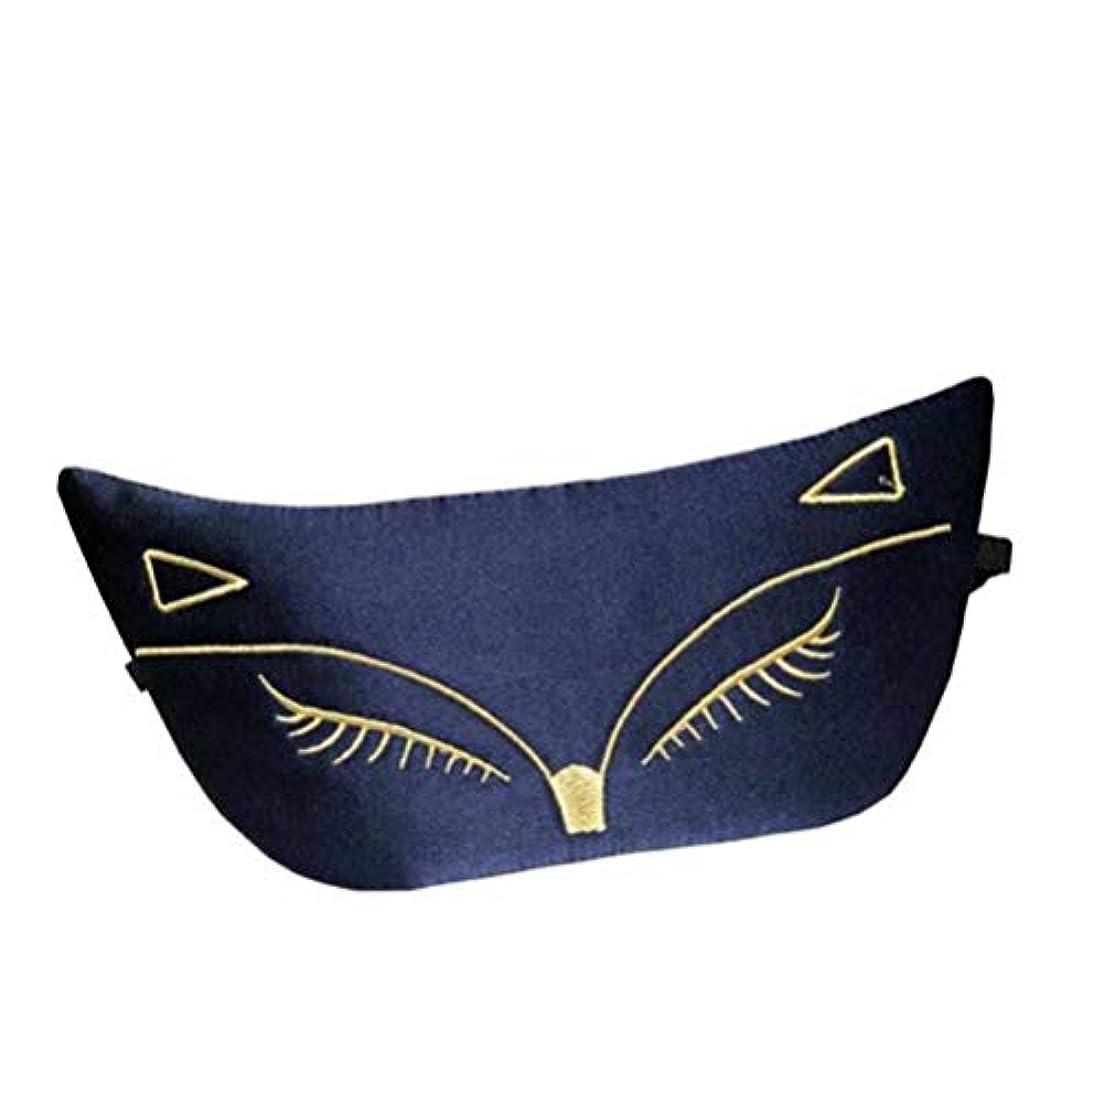 葬儀出版せせらぎSUPVOX シルクスリープアイマスクサンシェードカバー刺繍キツネパターンアイパッチ女性用快適(ダークブルー)